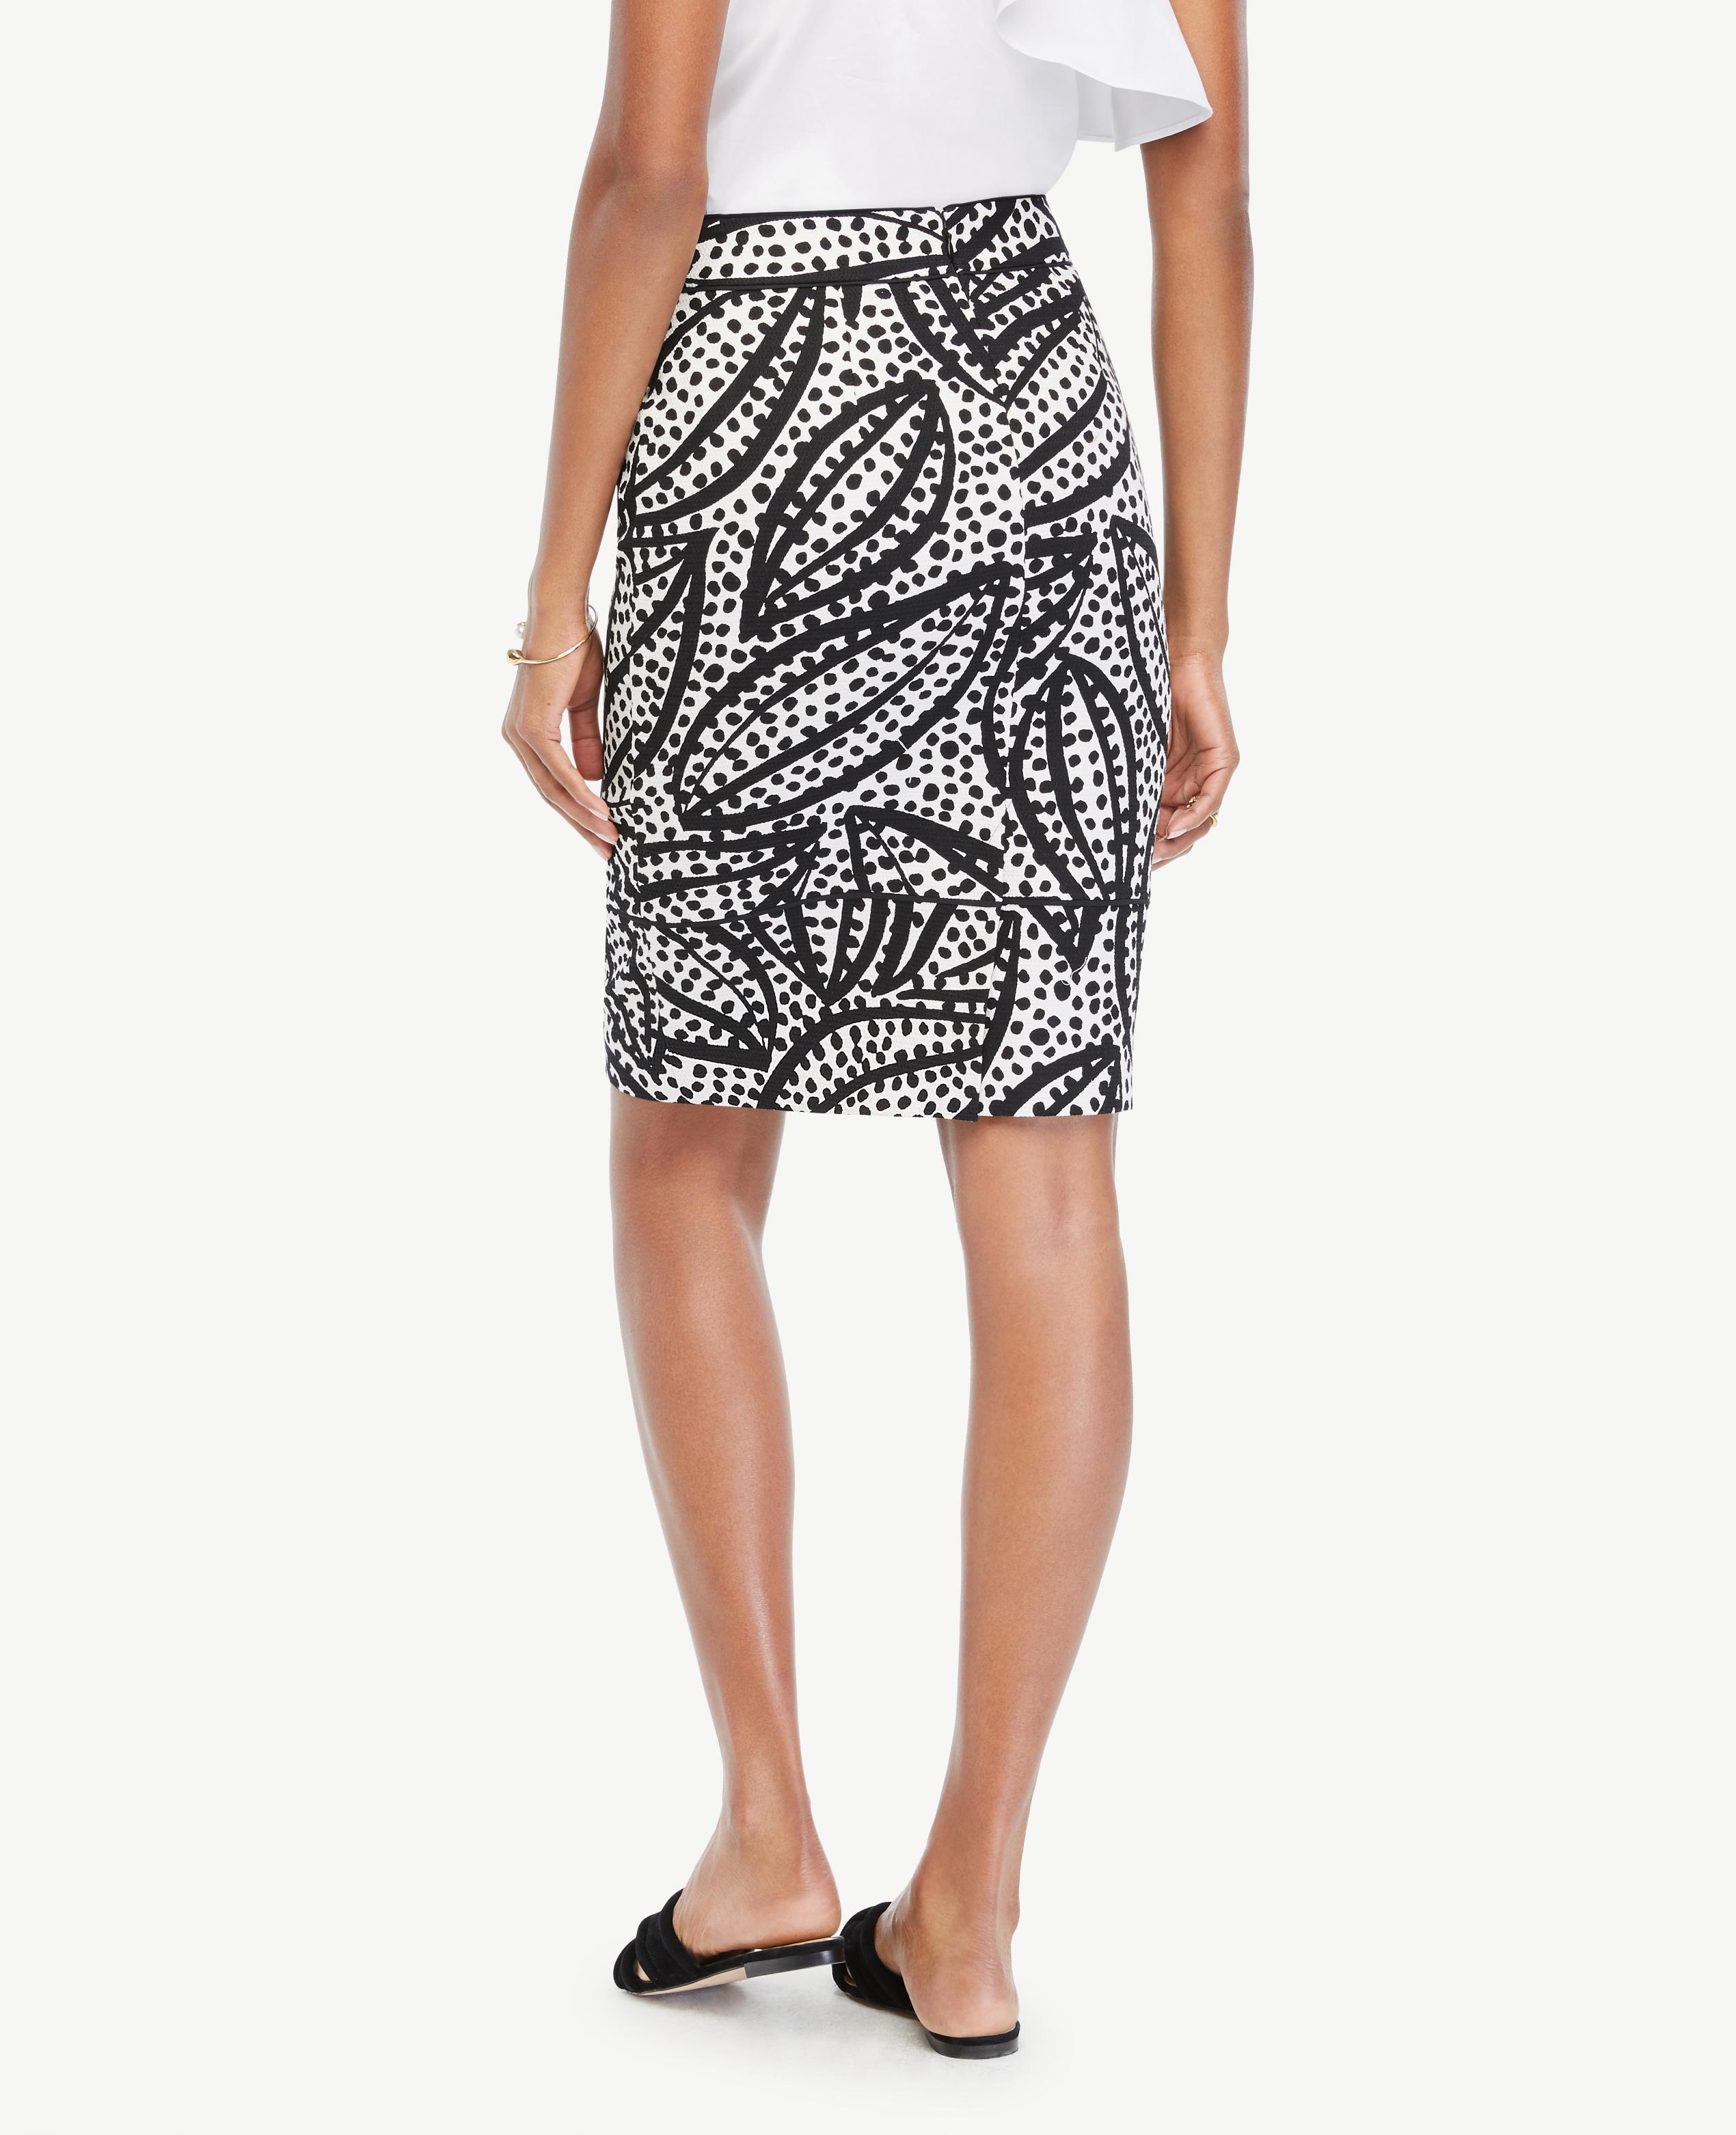 6366c2a6a0 Ann Taylor Curvy Cheetah Leaf Piped Pencil Skirt in Black - Lyst